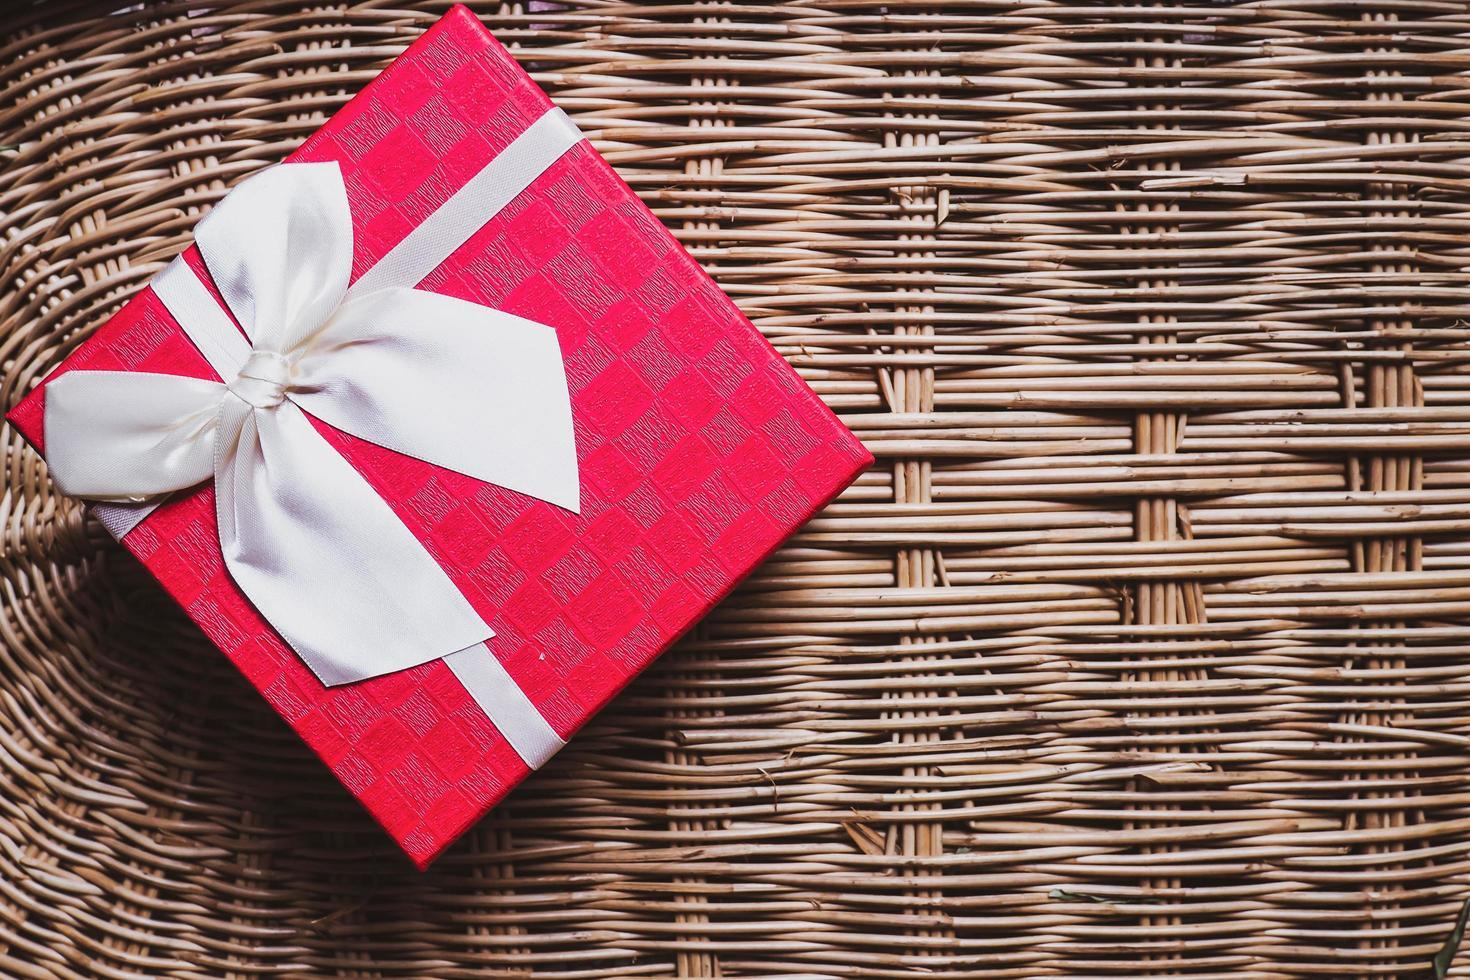 boîte cadeau rouge avec ruban blanc photo